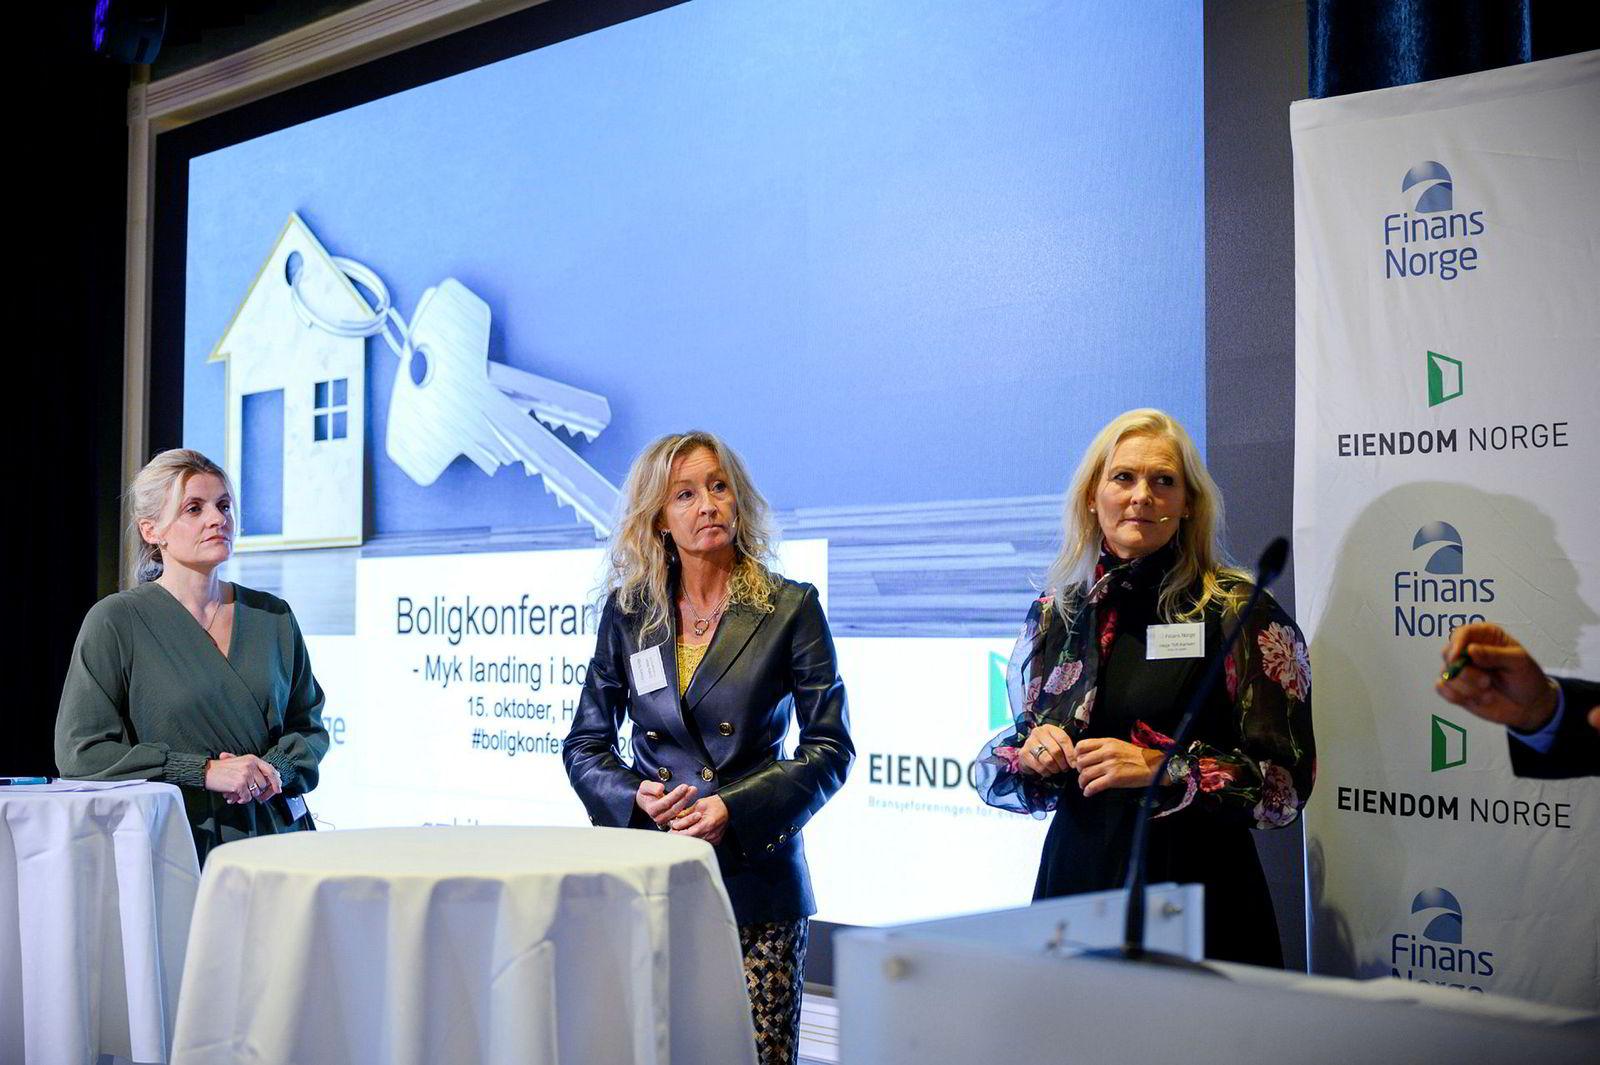 Direktør Inger Lise Blyverket (fra venstre) i Forbrukerrådet, administrerende direktør Grethe Wittenberg Meier i Privatmegleren og konsernsjef Hege Toft Karlsen i Eika Gruppen på Boligkonferansen 2019.